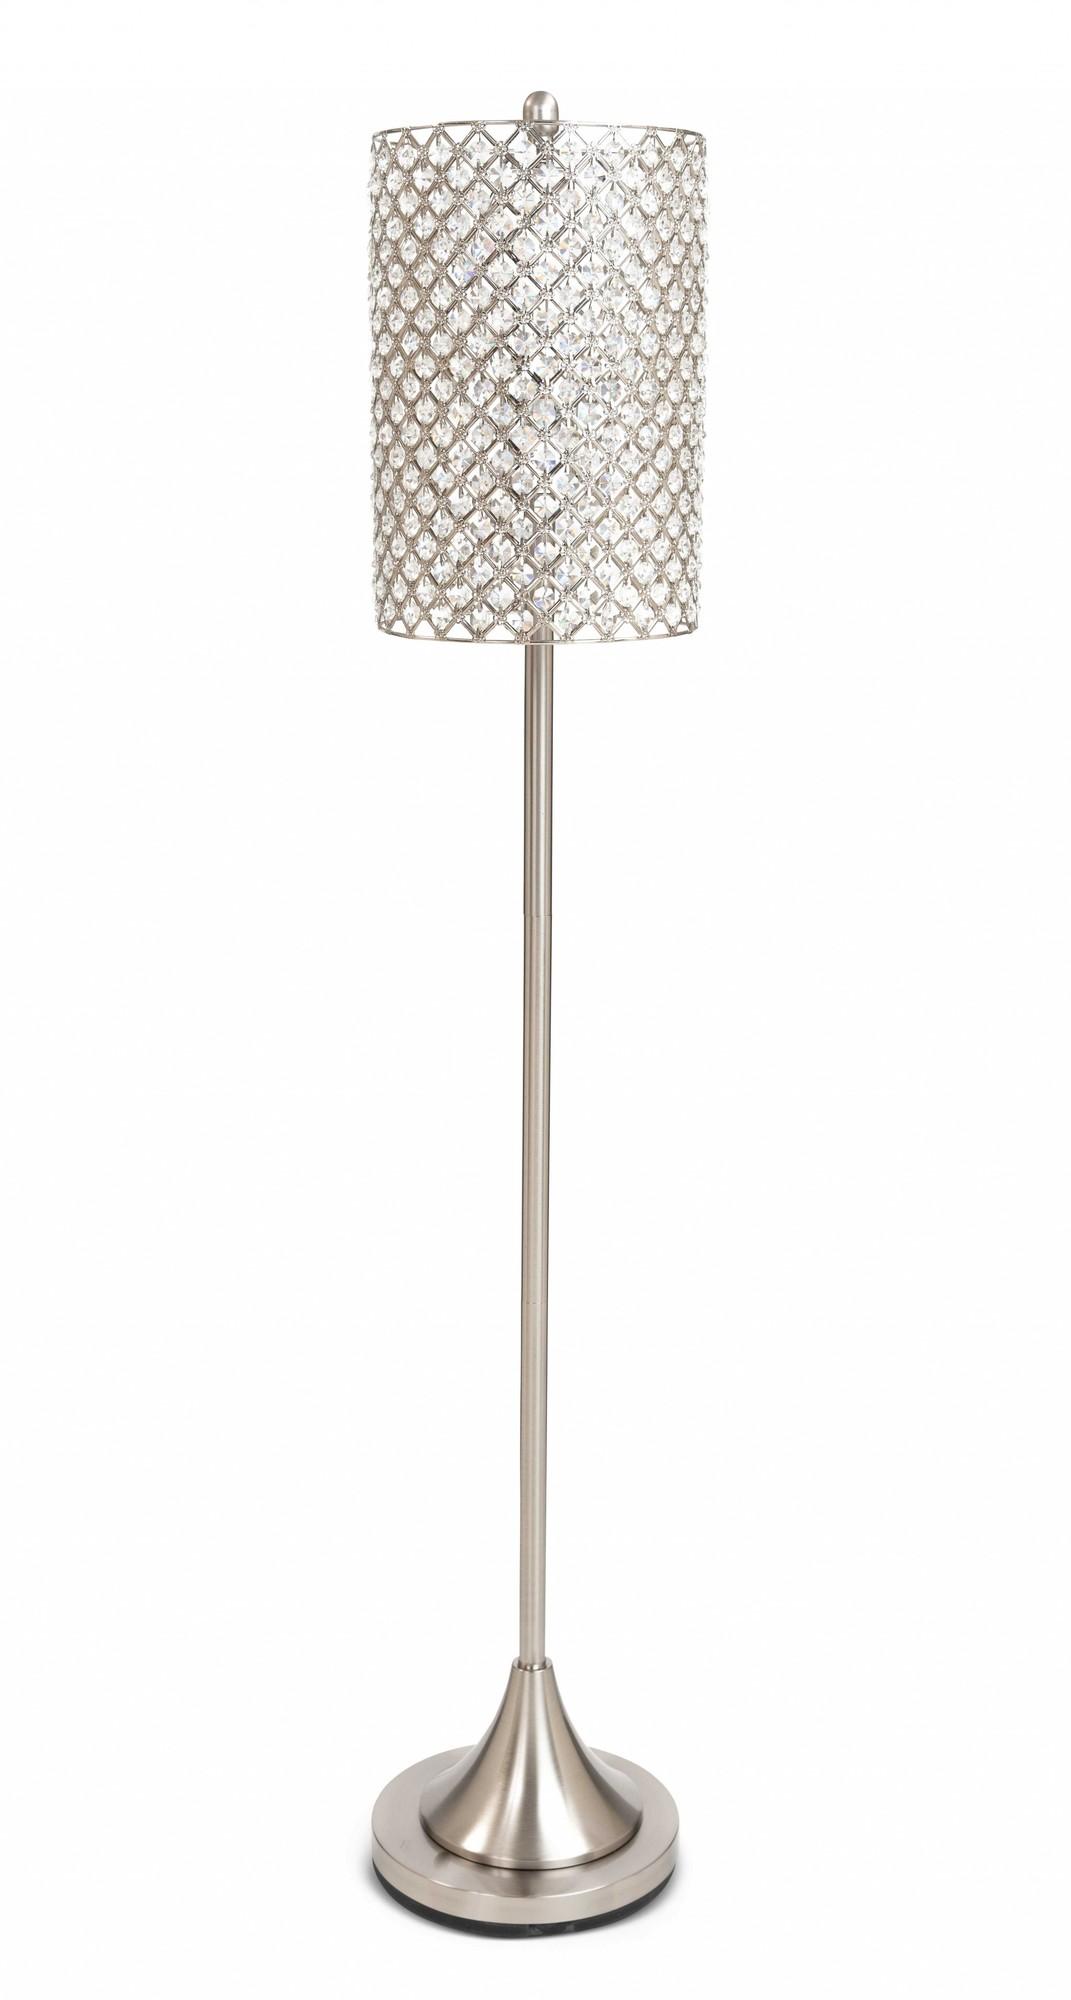 Metal Floor Lamp w Crystal Bead Shade